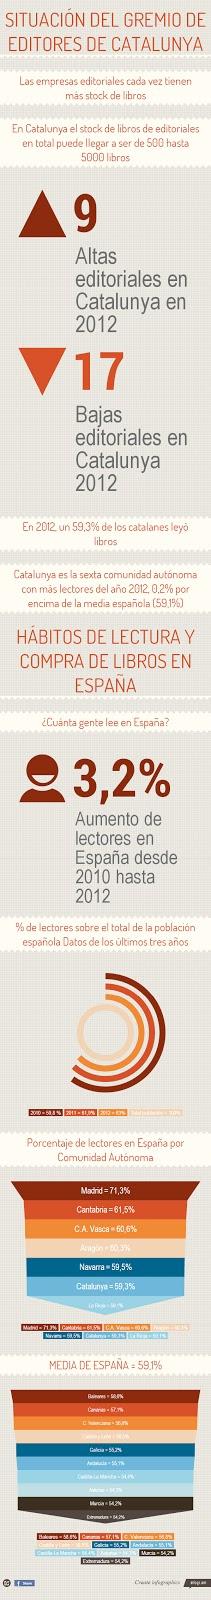 Hábitos de lectura y compra de libros en España ©infogr.am